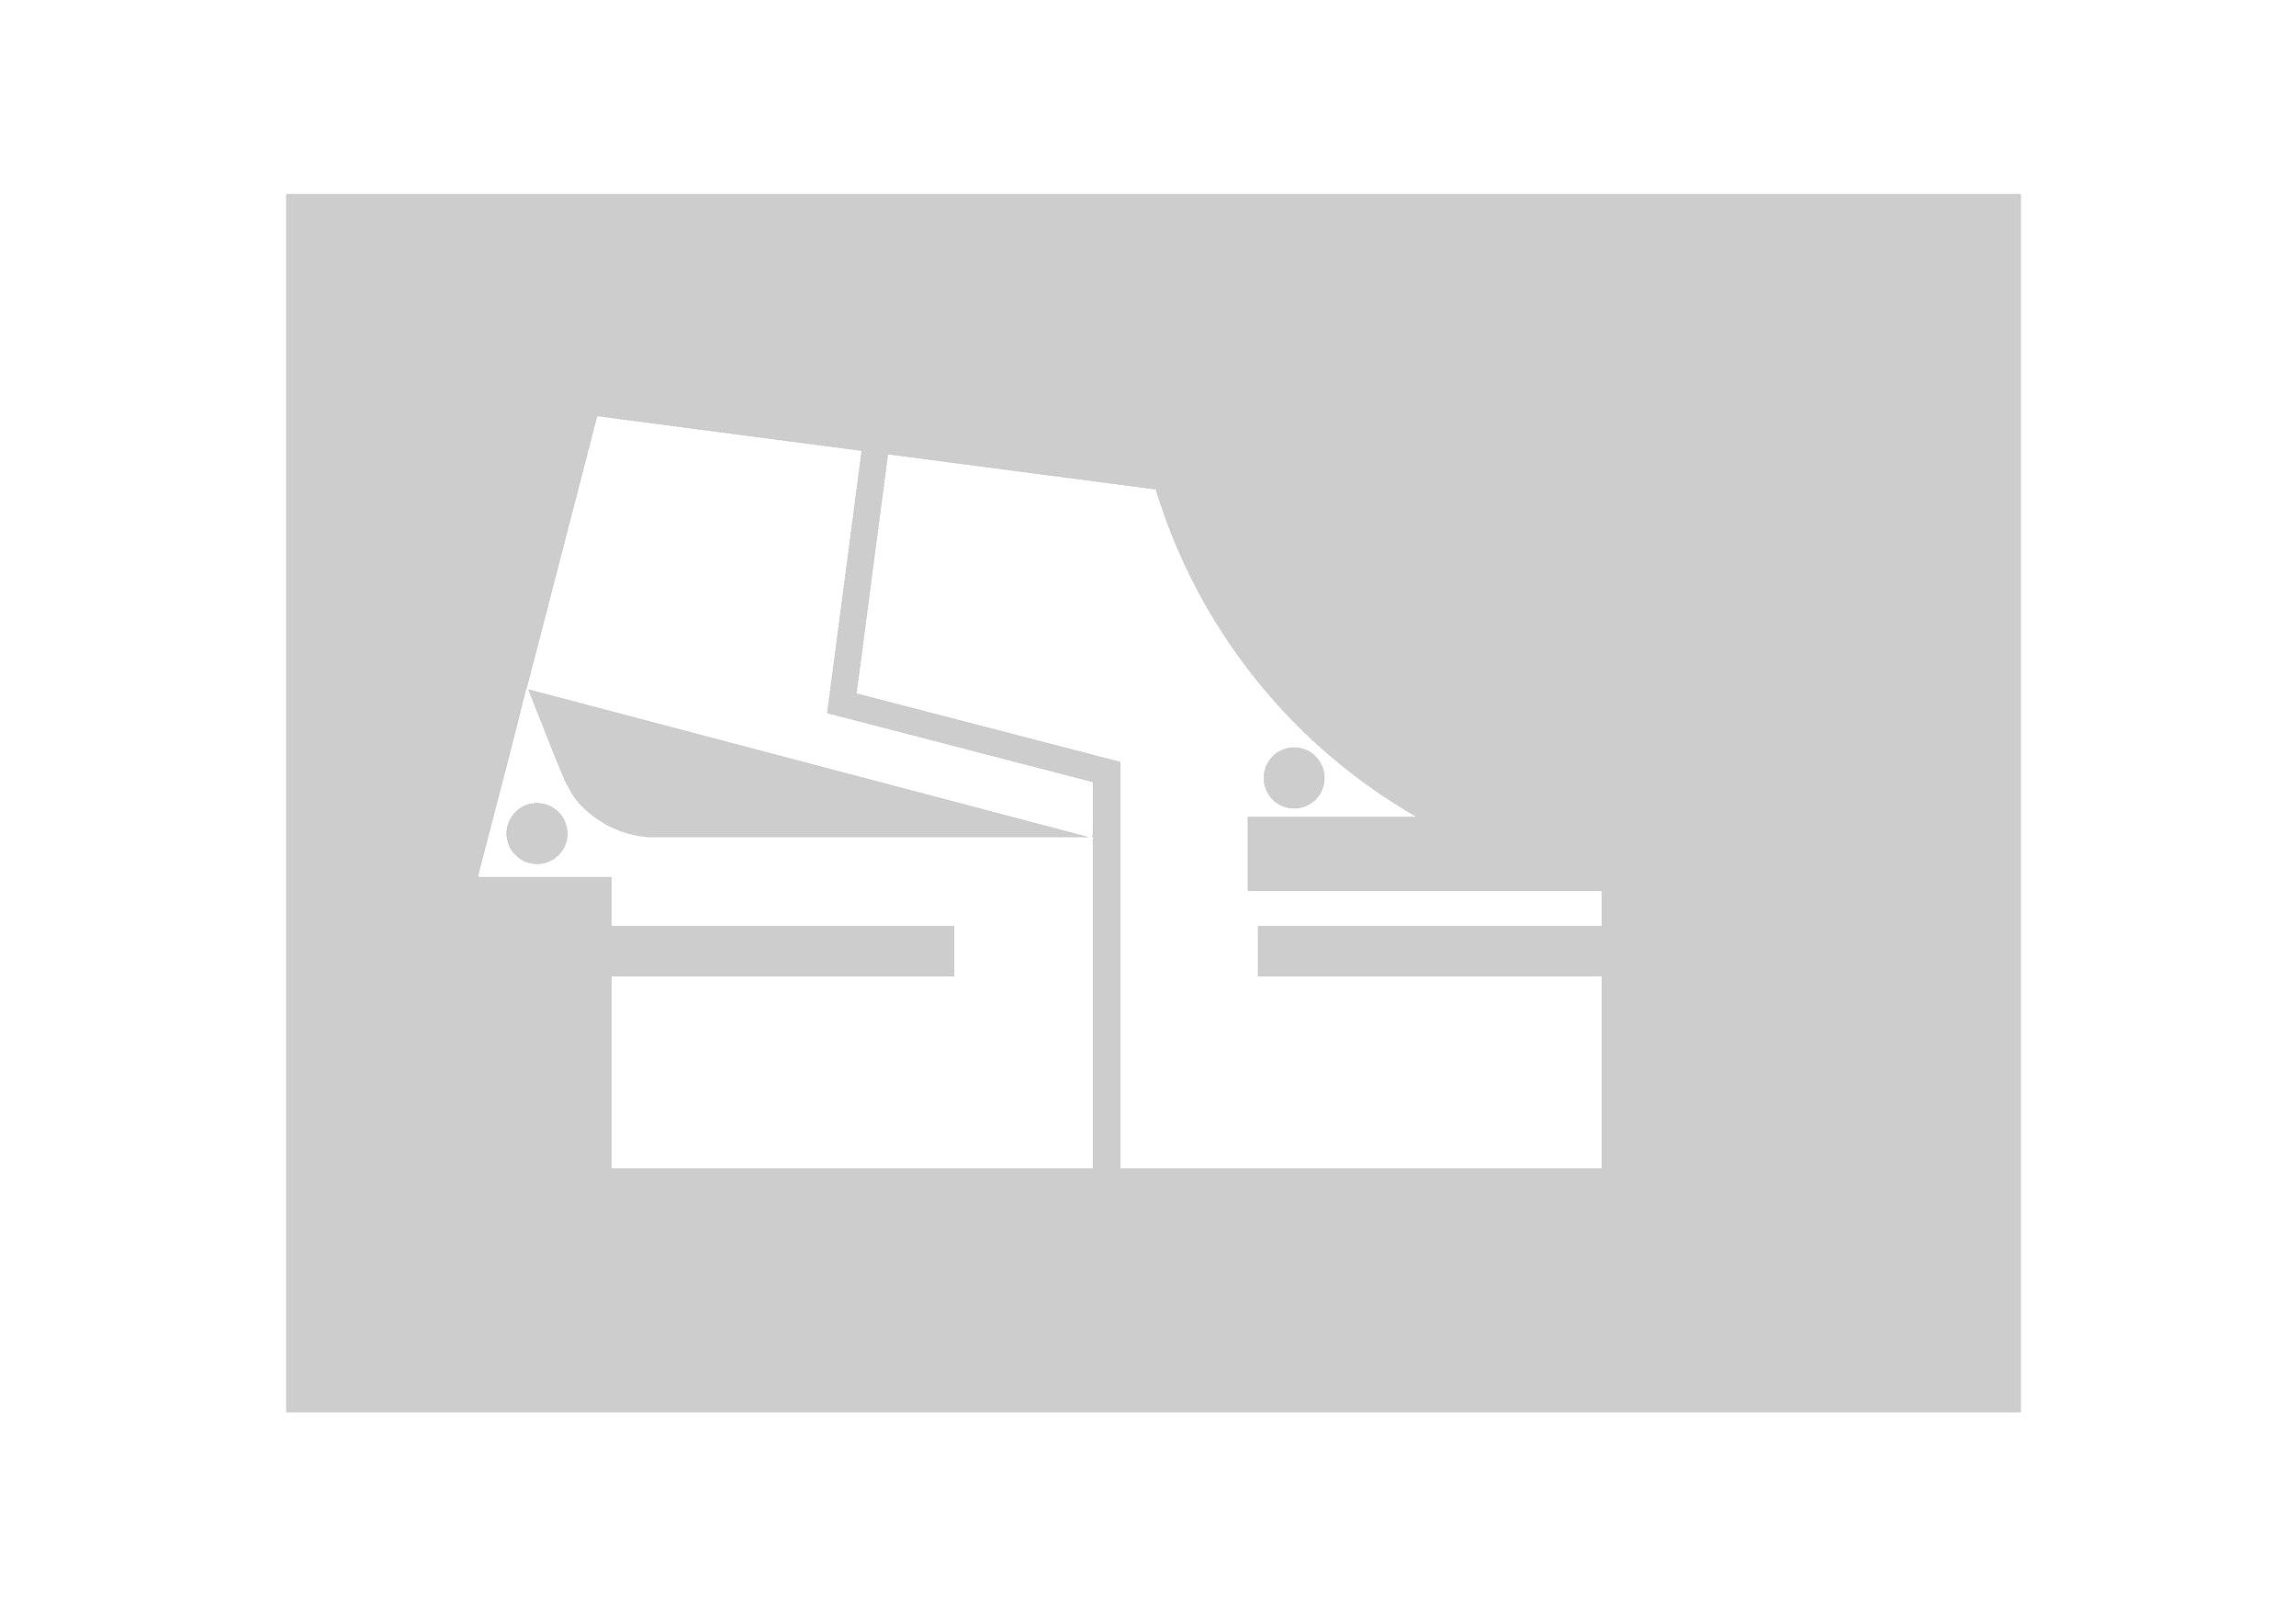 imagem 1_2.jpg